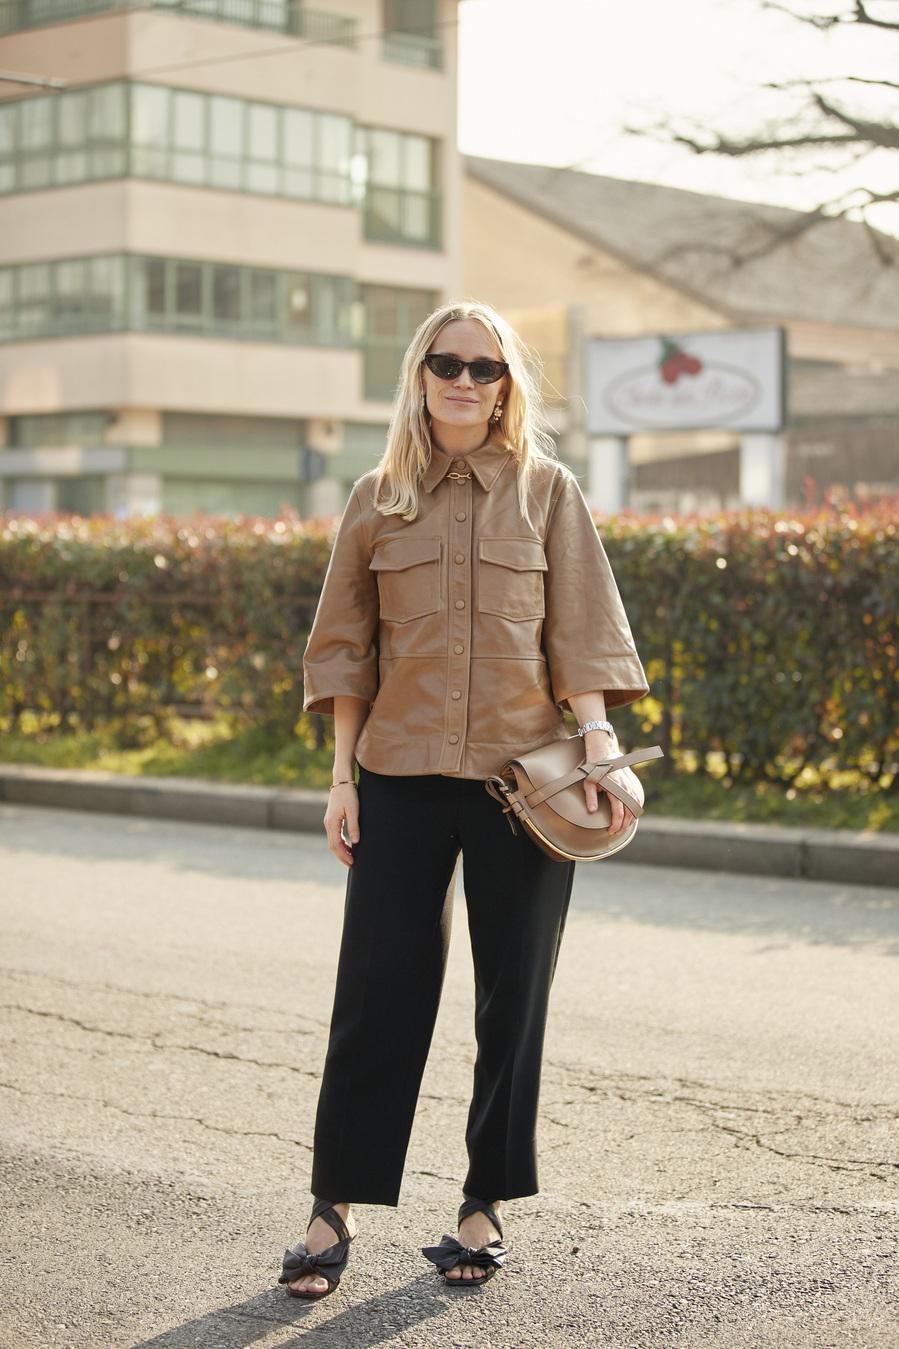 Cuero y compañía - Los pantalones negros más buscados por menos de 20 euros